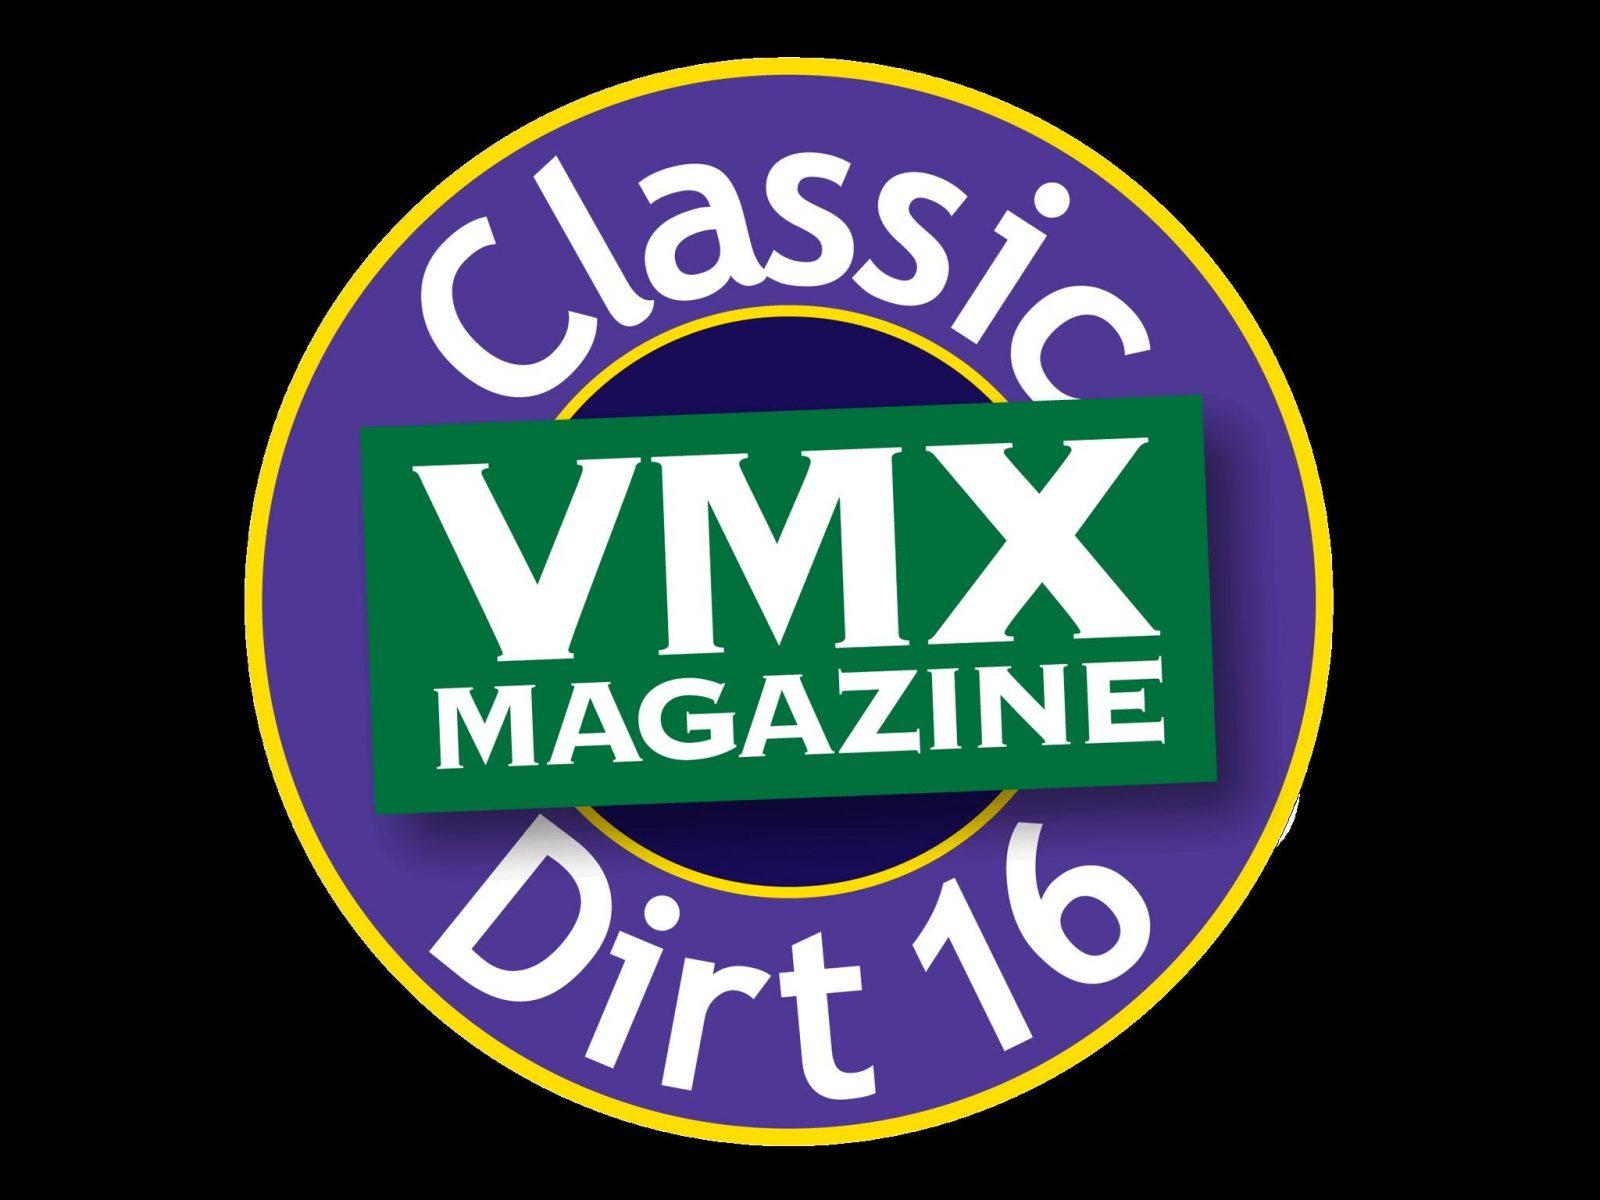 VMX Magazine CD16 logo